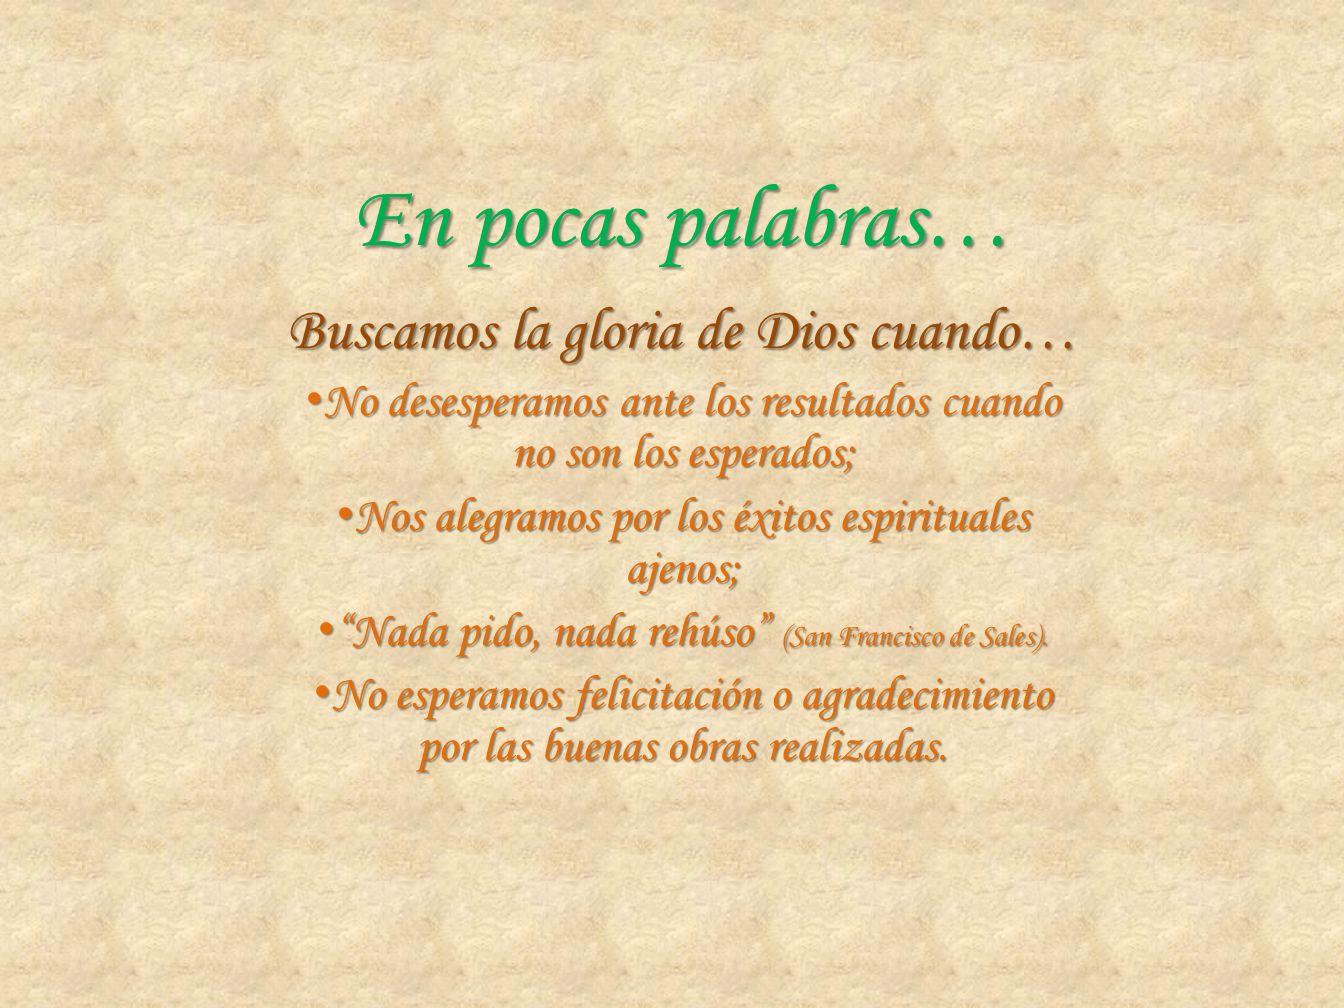 En pocas palabras… Buscamos la gloria de Dios cuando… No desesperamos ante los resultados cuando no son los esperados; No desesperamos ante los result